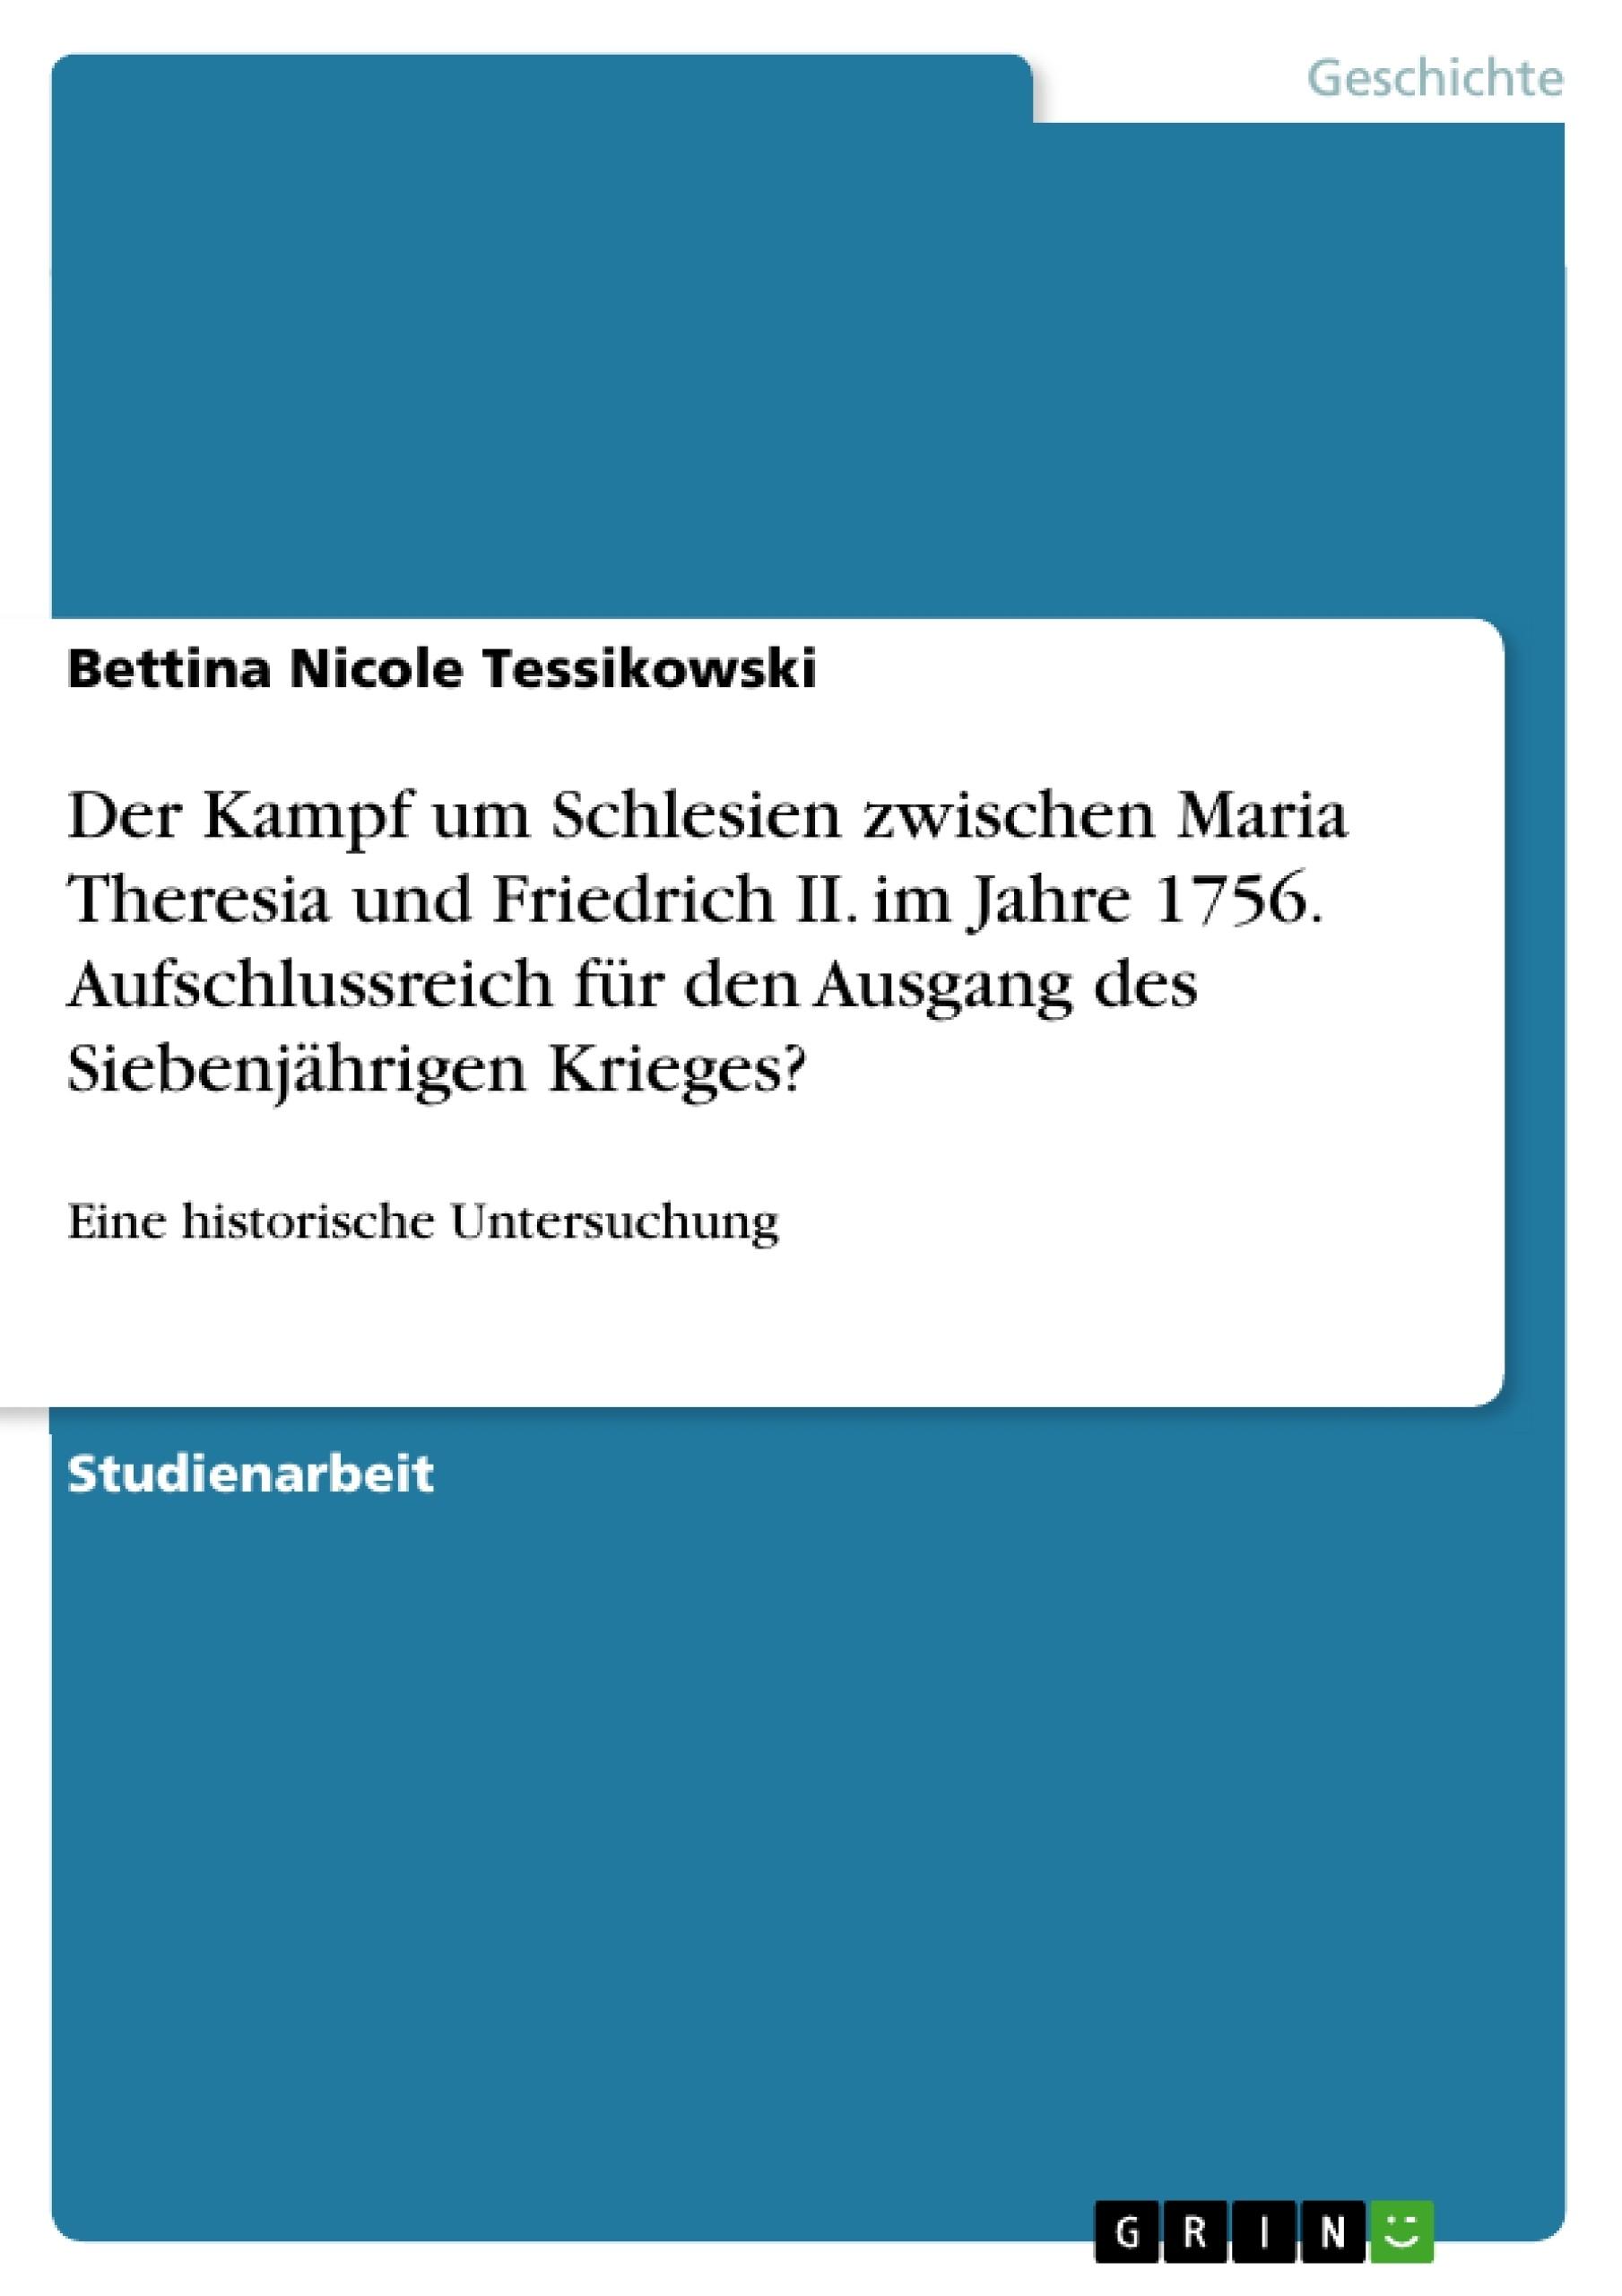 Titel: Der Kampf um Schlesien zwischen Maria Theresia und Friedrich II. im Jahre 1756. Aufschlussreich für den Ausgang des Siebenjährigen Krieges?